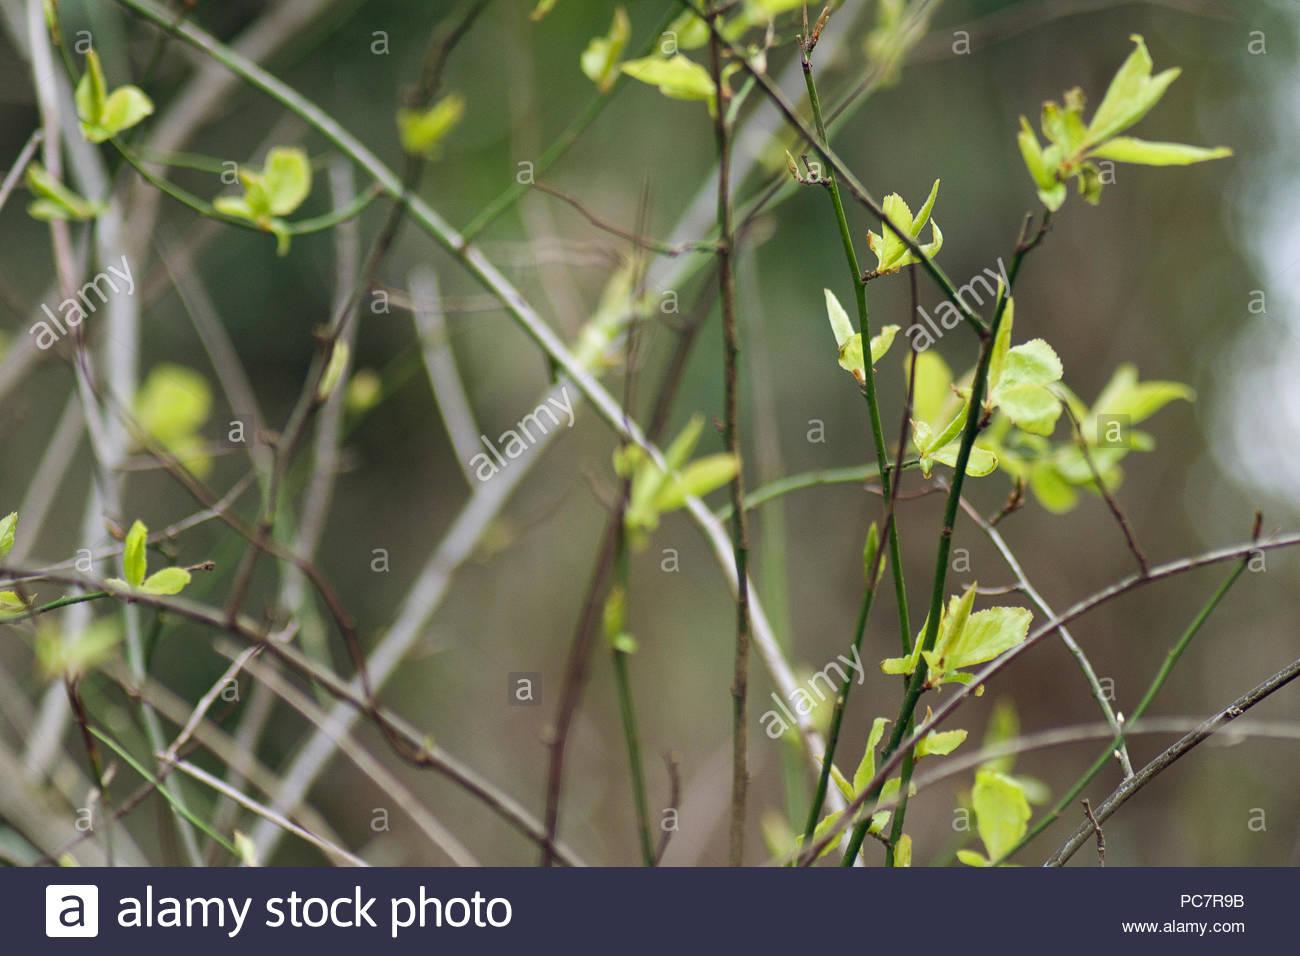 Rami e steli di piante con foglie piccole Immagini Stock